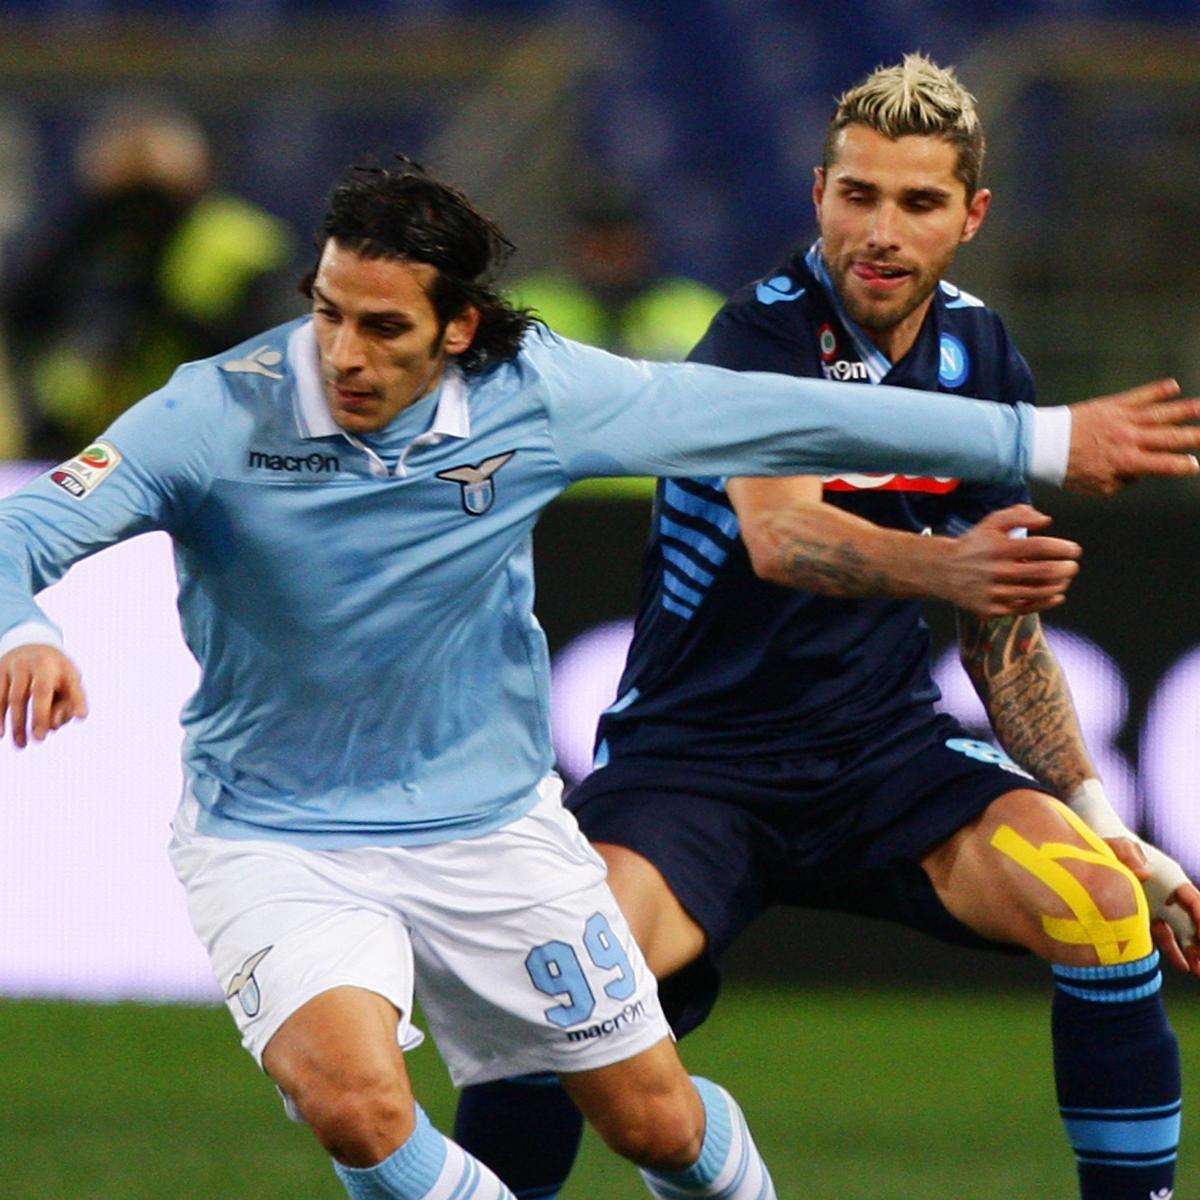 Lazio vs. Napoli Post-Match Reaction and Comments ...